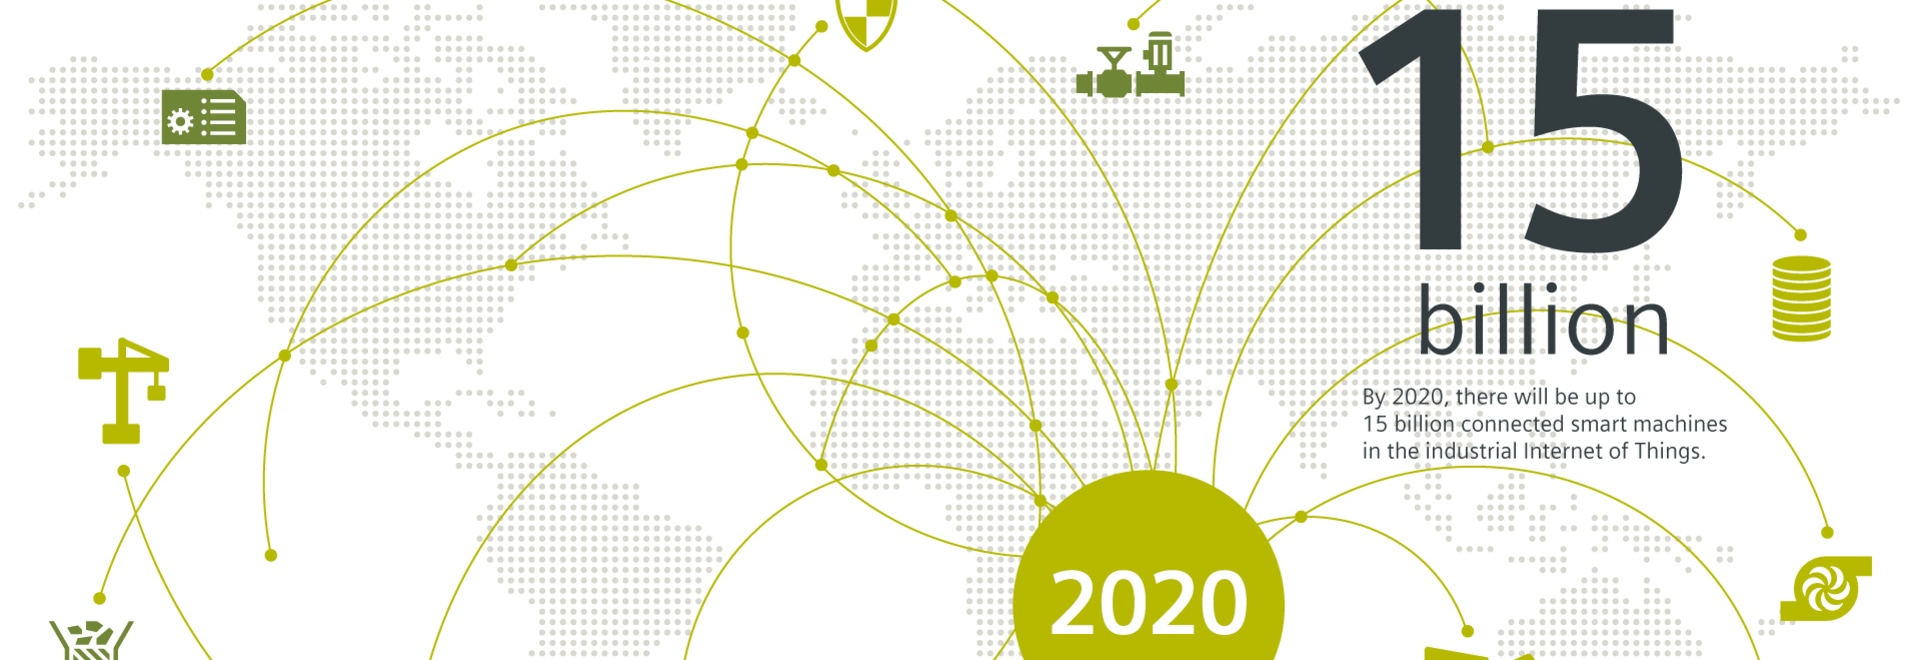 La tecnología de red modificada para requisitos particulares aumenta competitividad y pavimenta la manera hacia la numeración